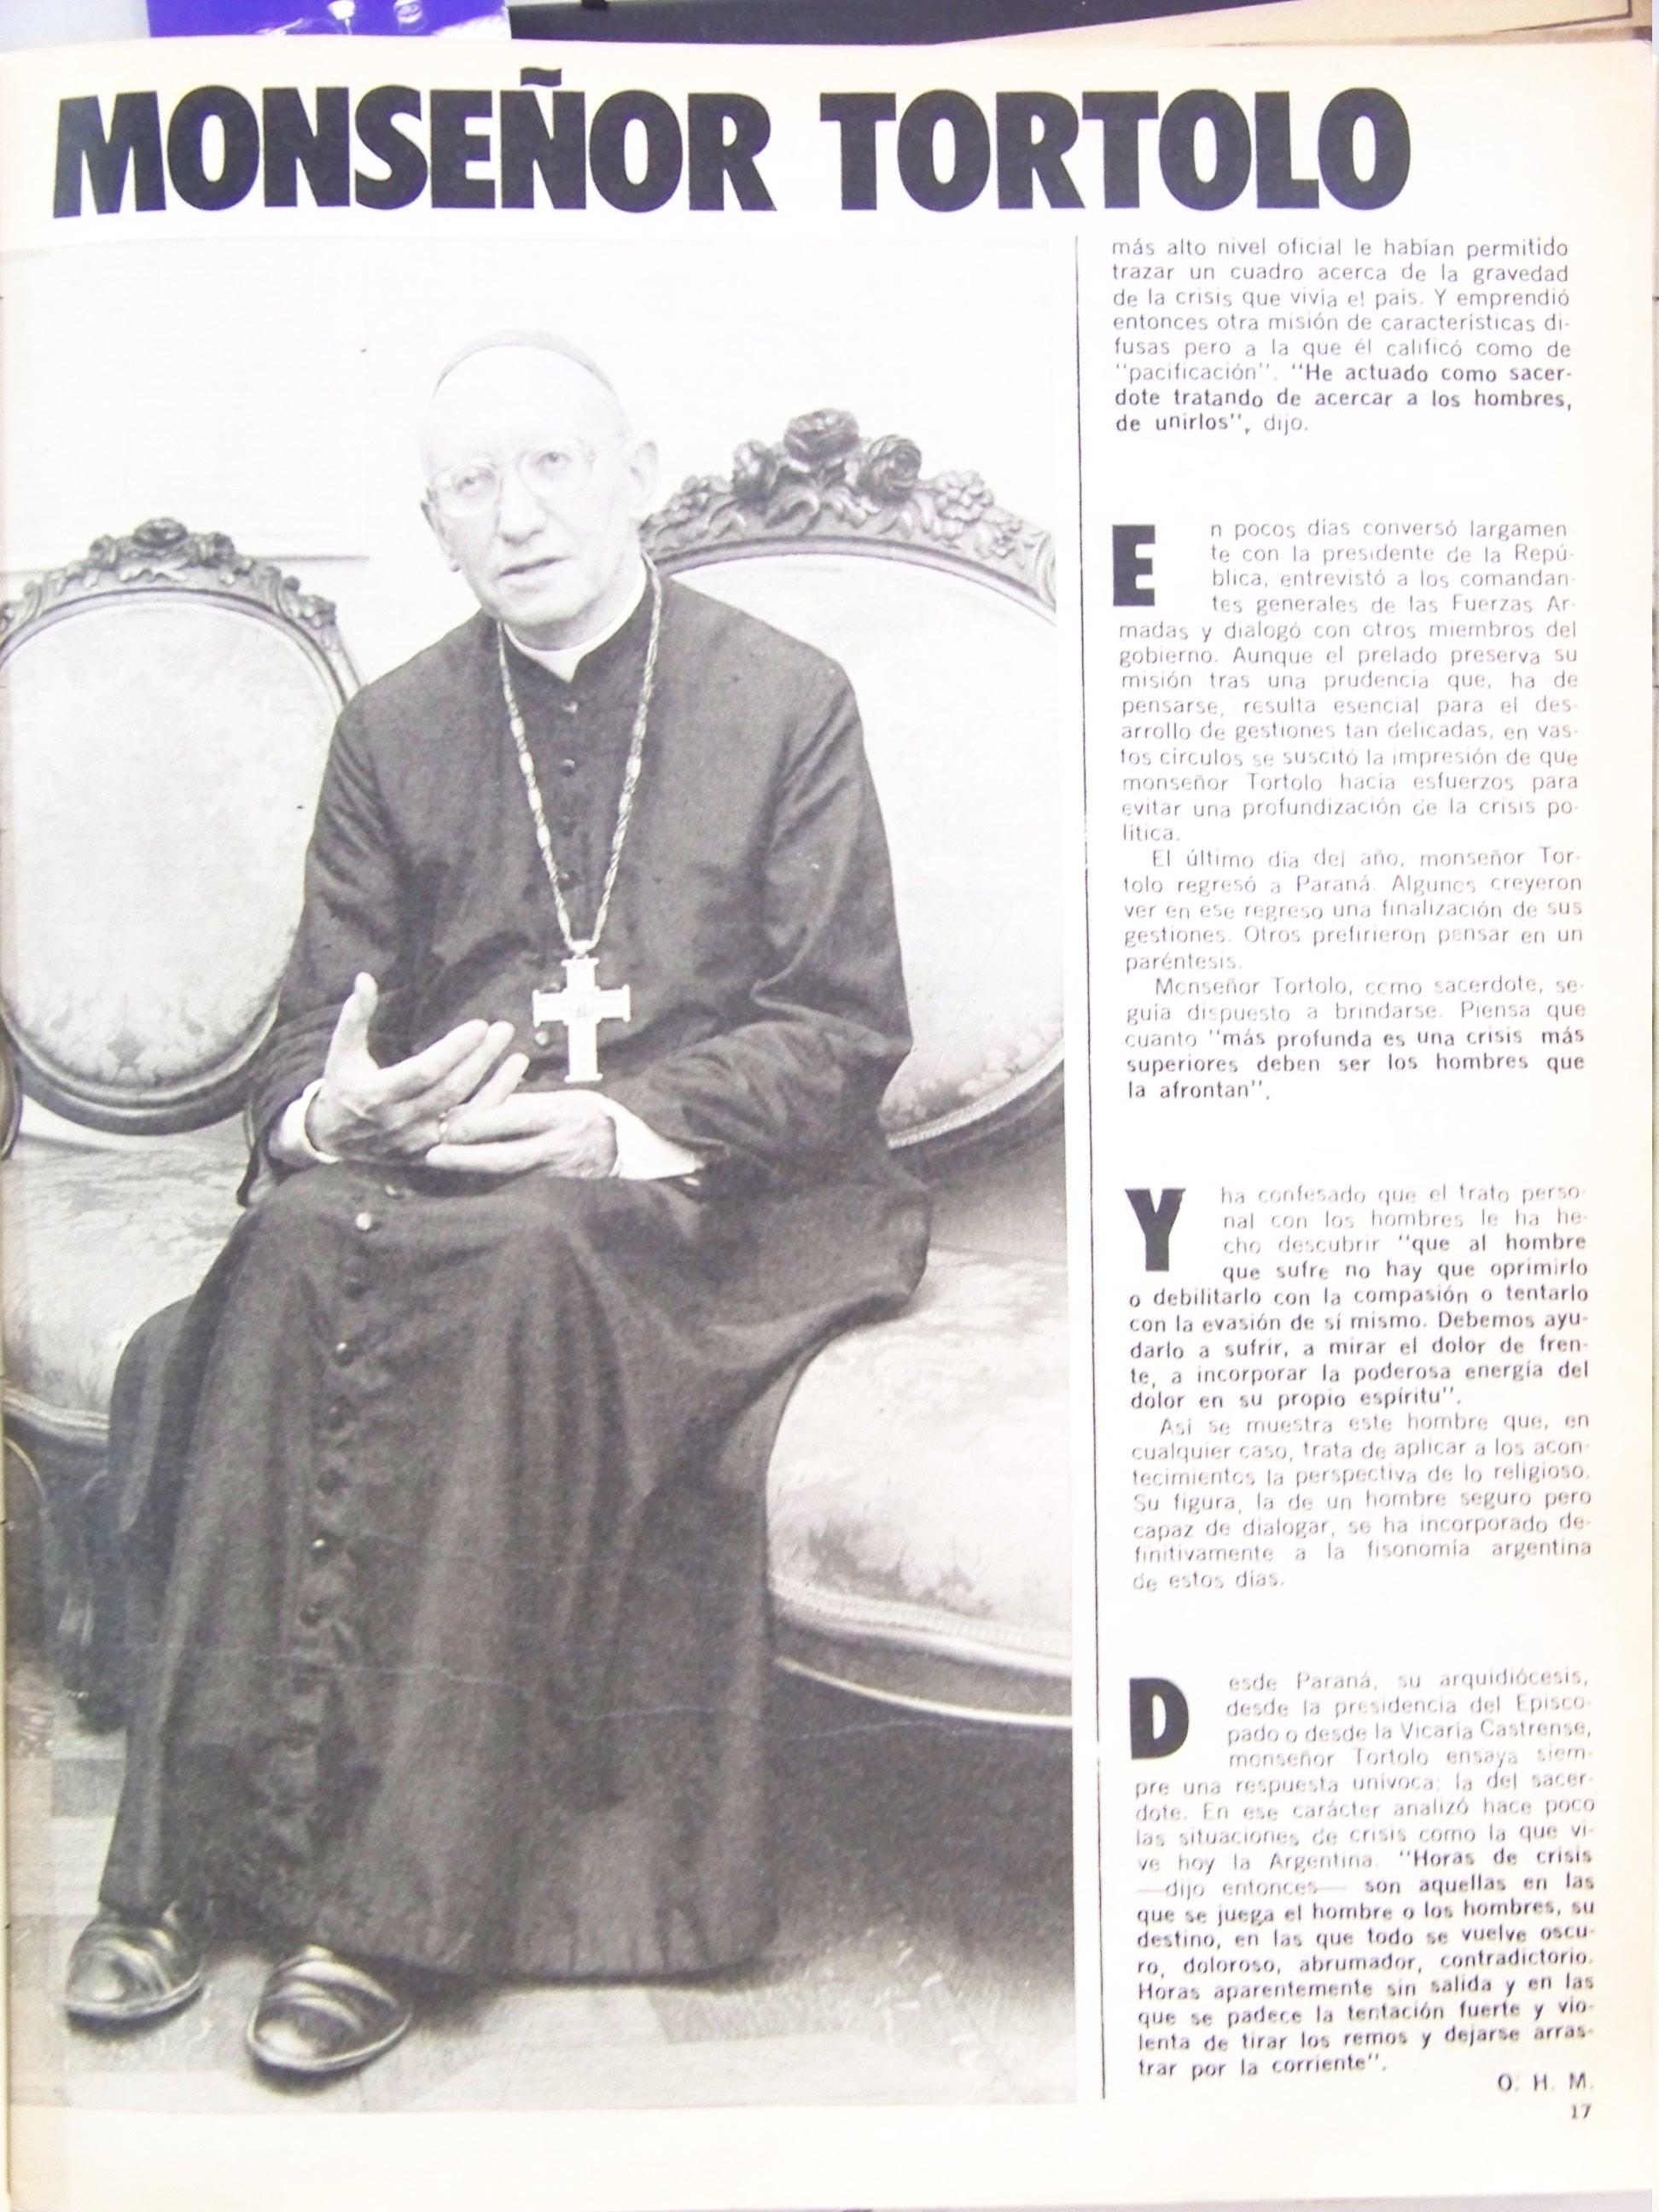 Entrevista a Adolfo Tortolo, Revista Gente, enero 1976